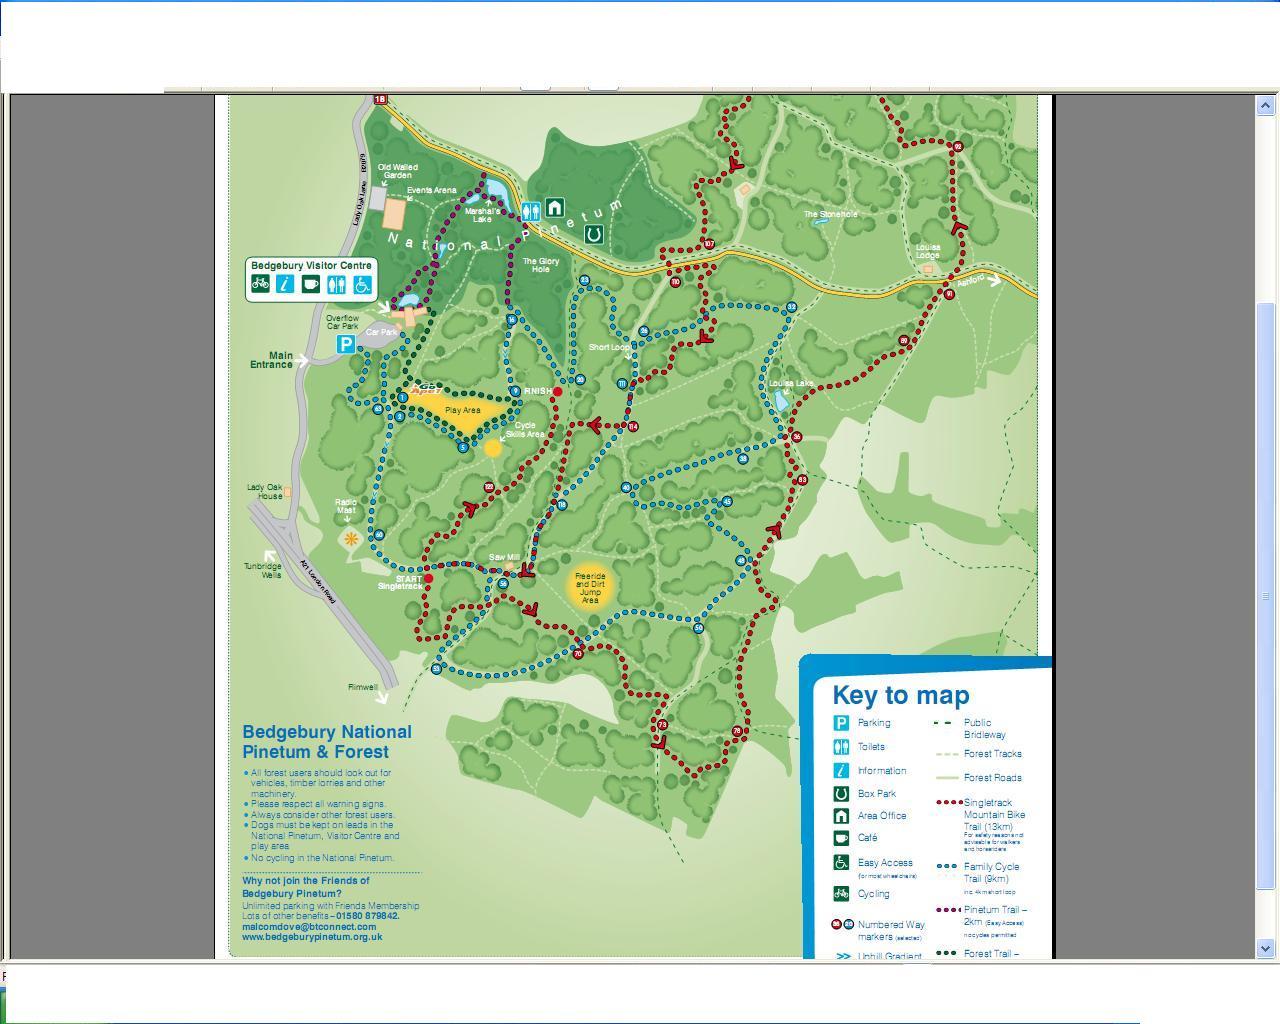 RAMBLING IN KENT BY TWISDEN : BEDGEBURY FOREST